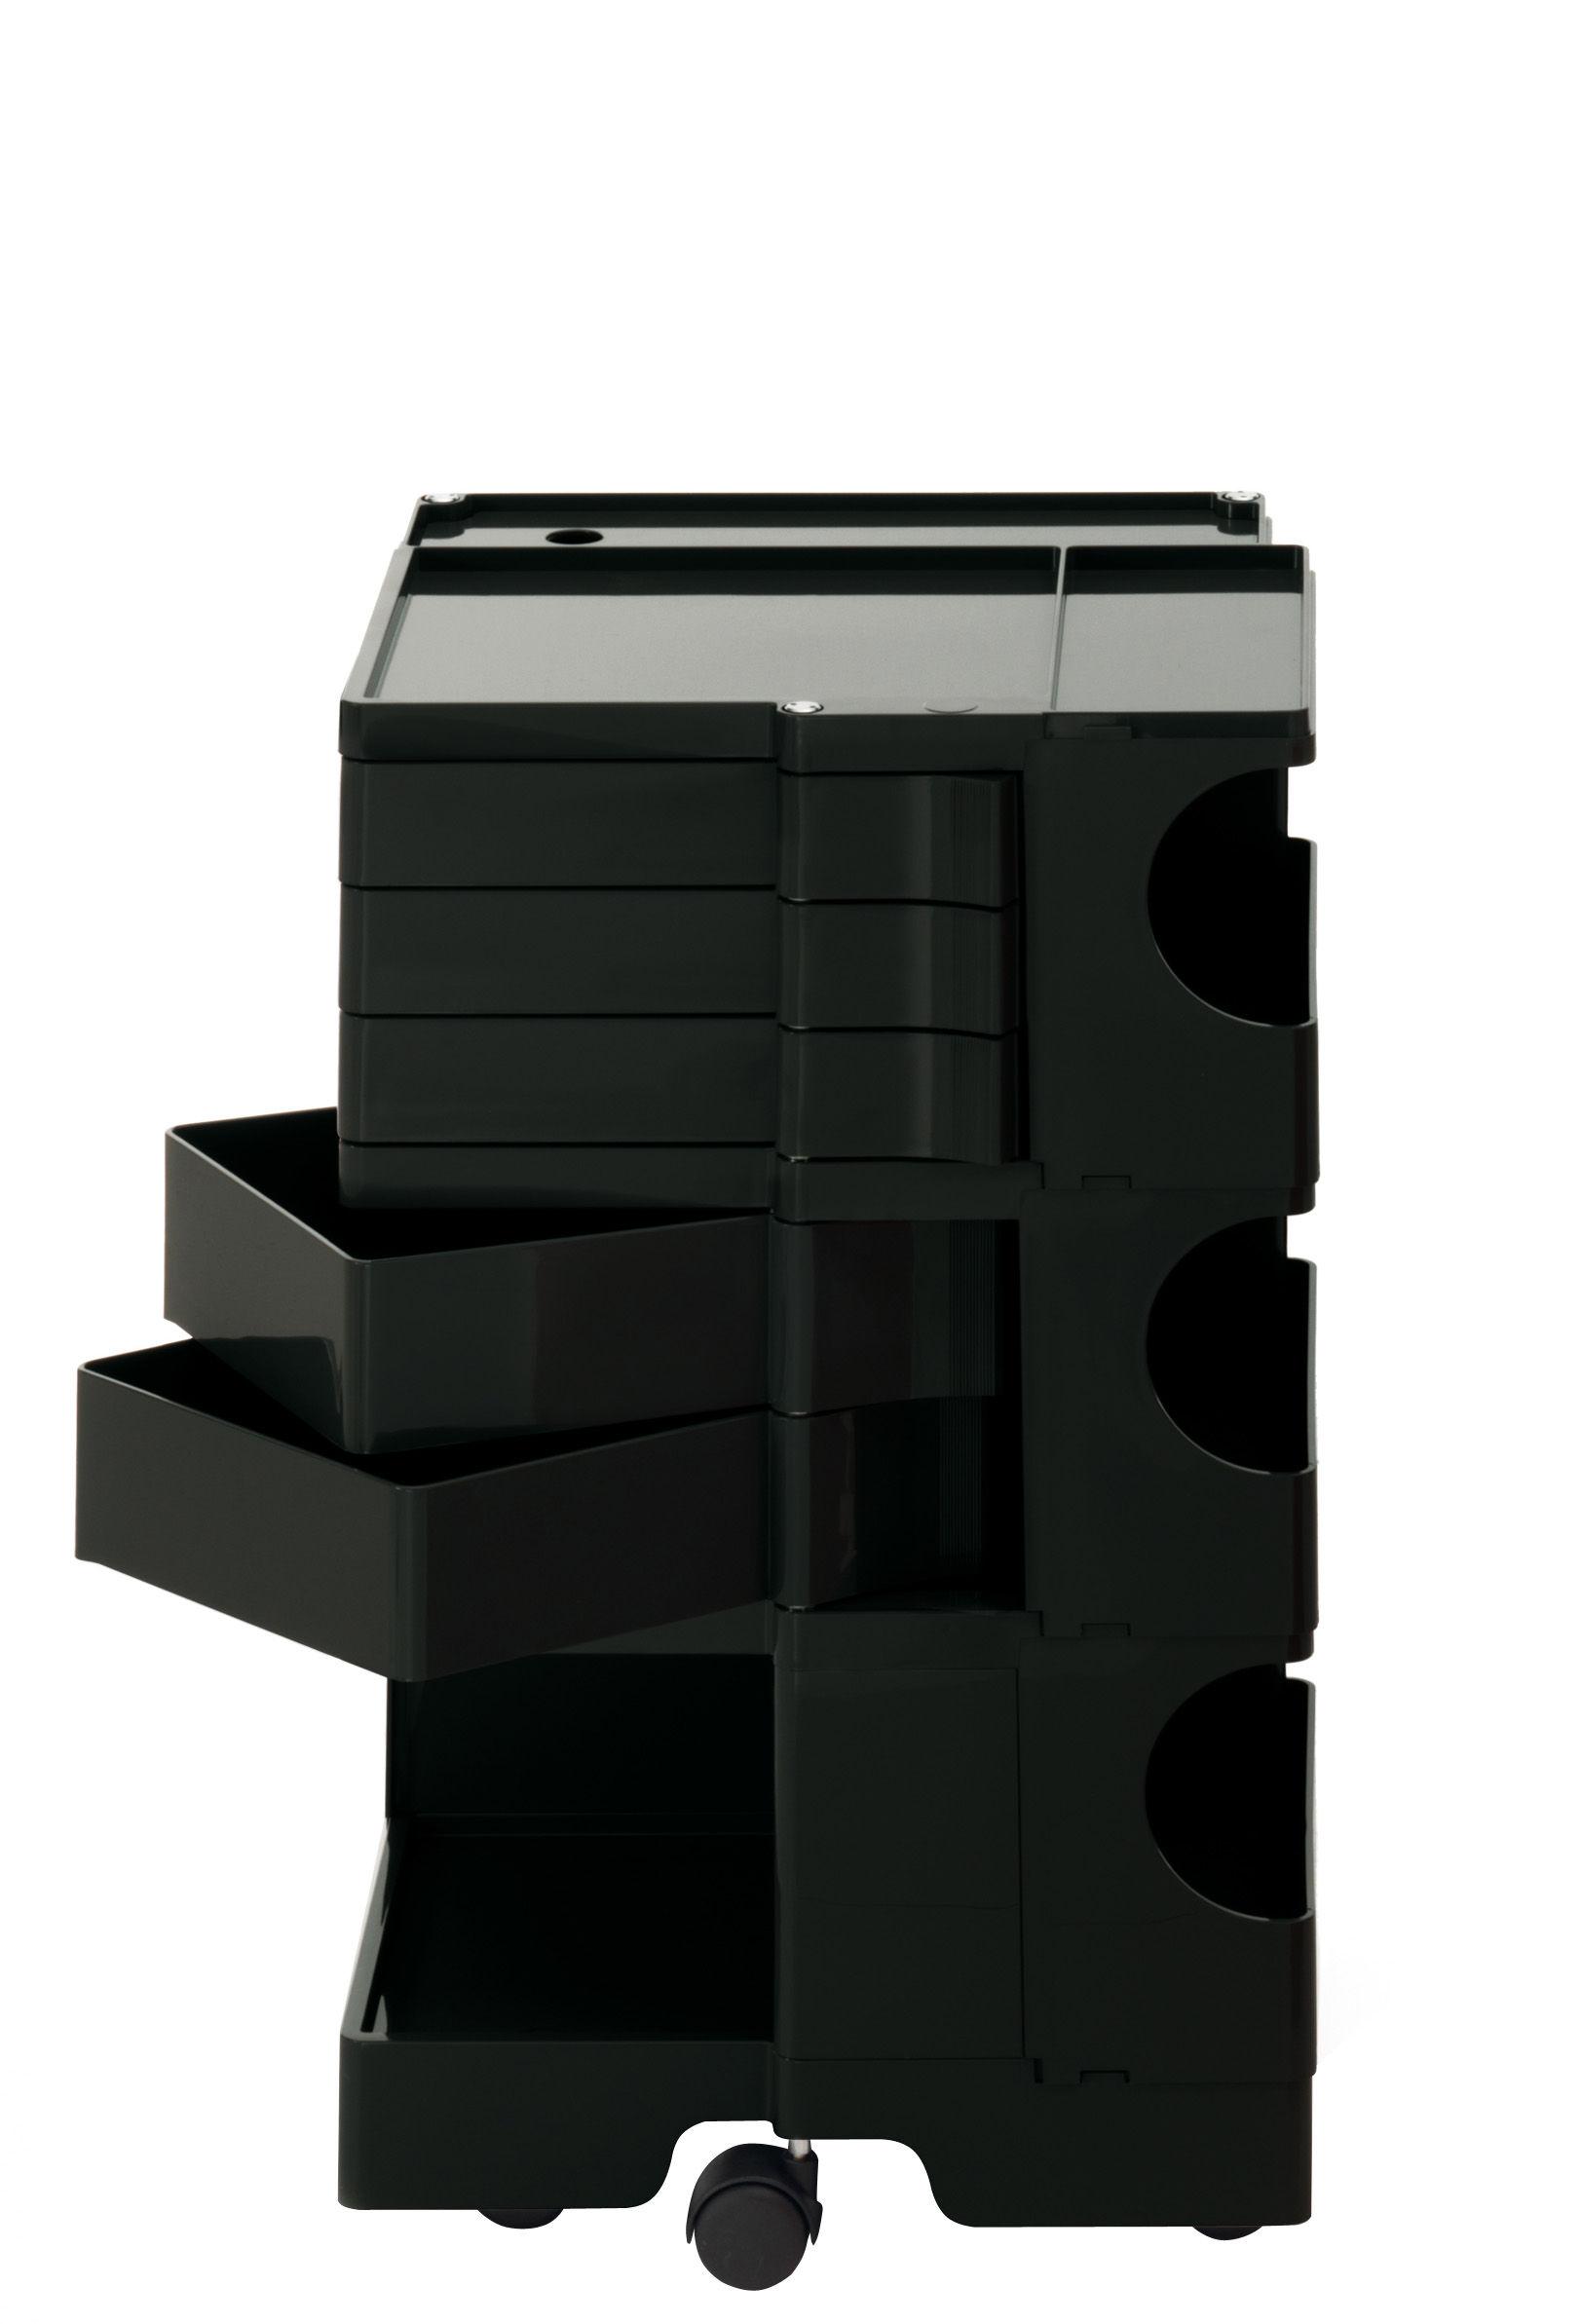 Möbel - Beistell-Möbel - Boby Ablage / H 73 cm - 5 Schubladen - B-LINE - Schwarz - ABS